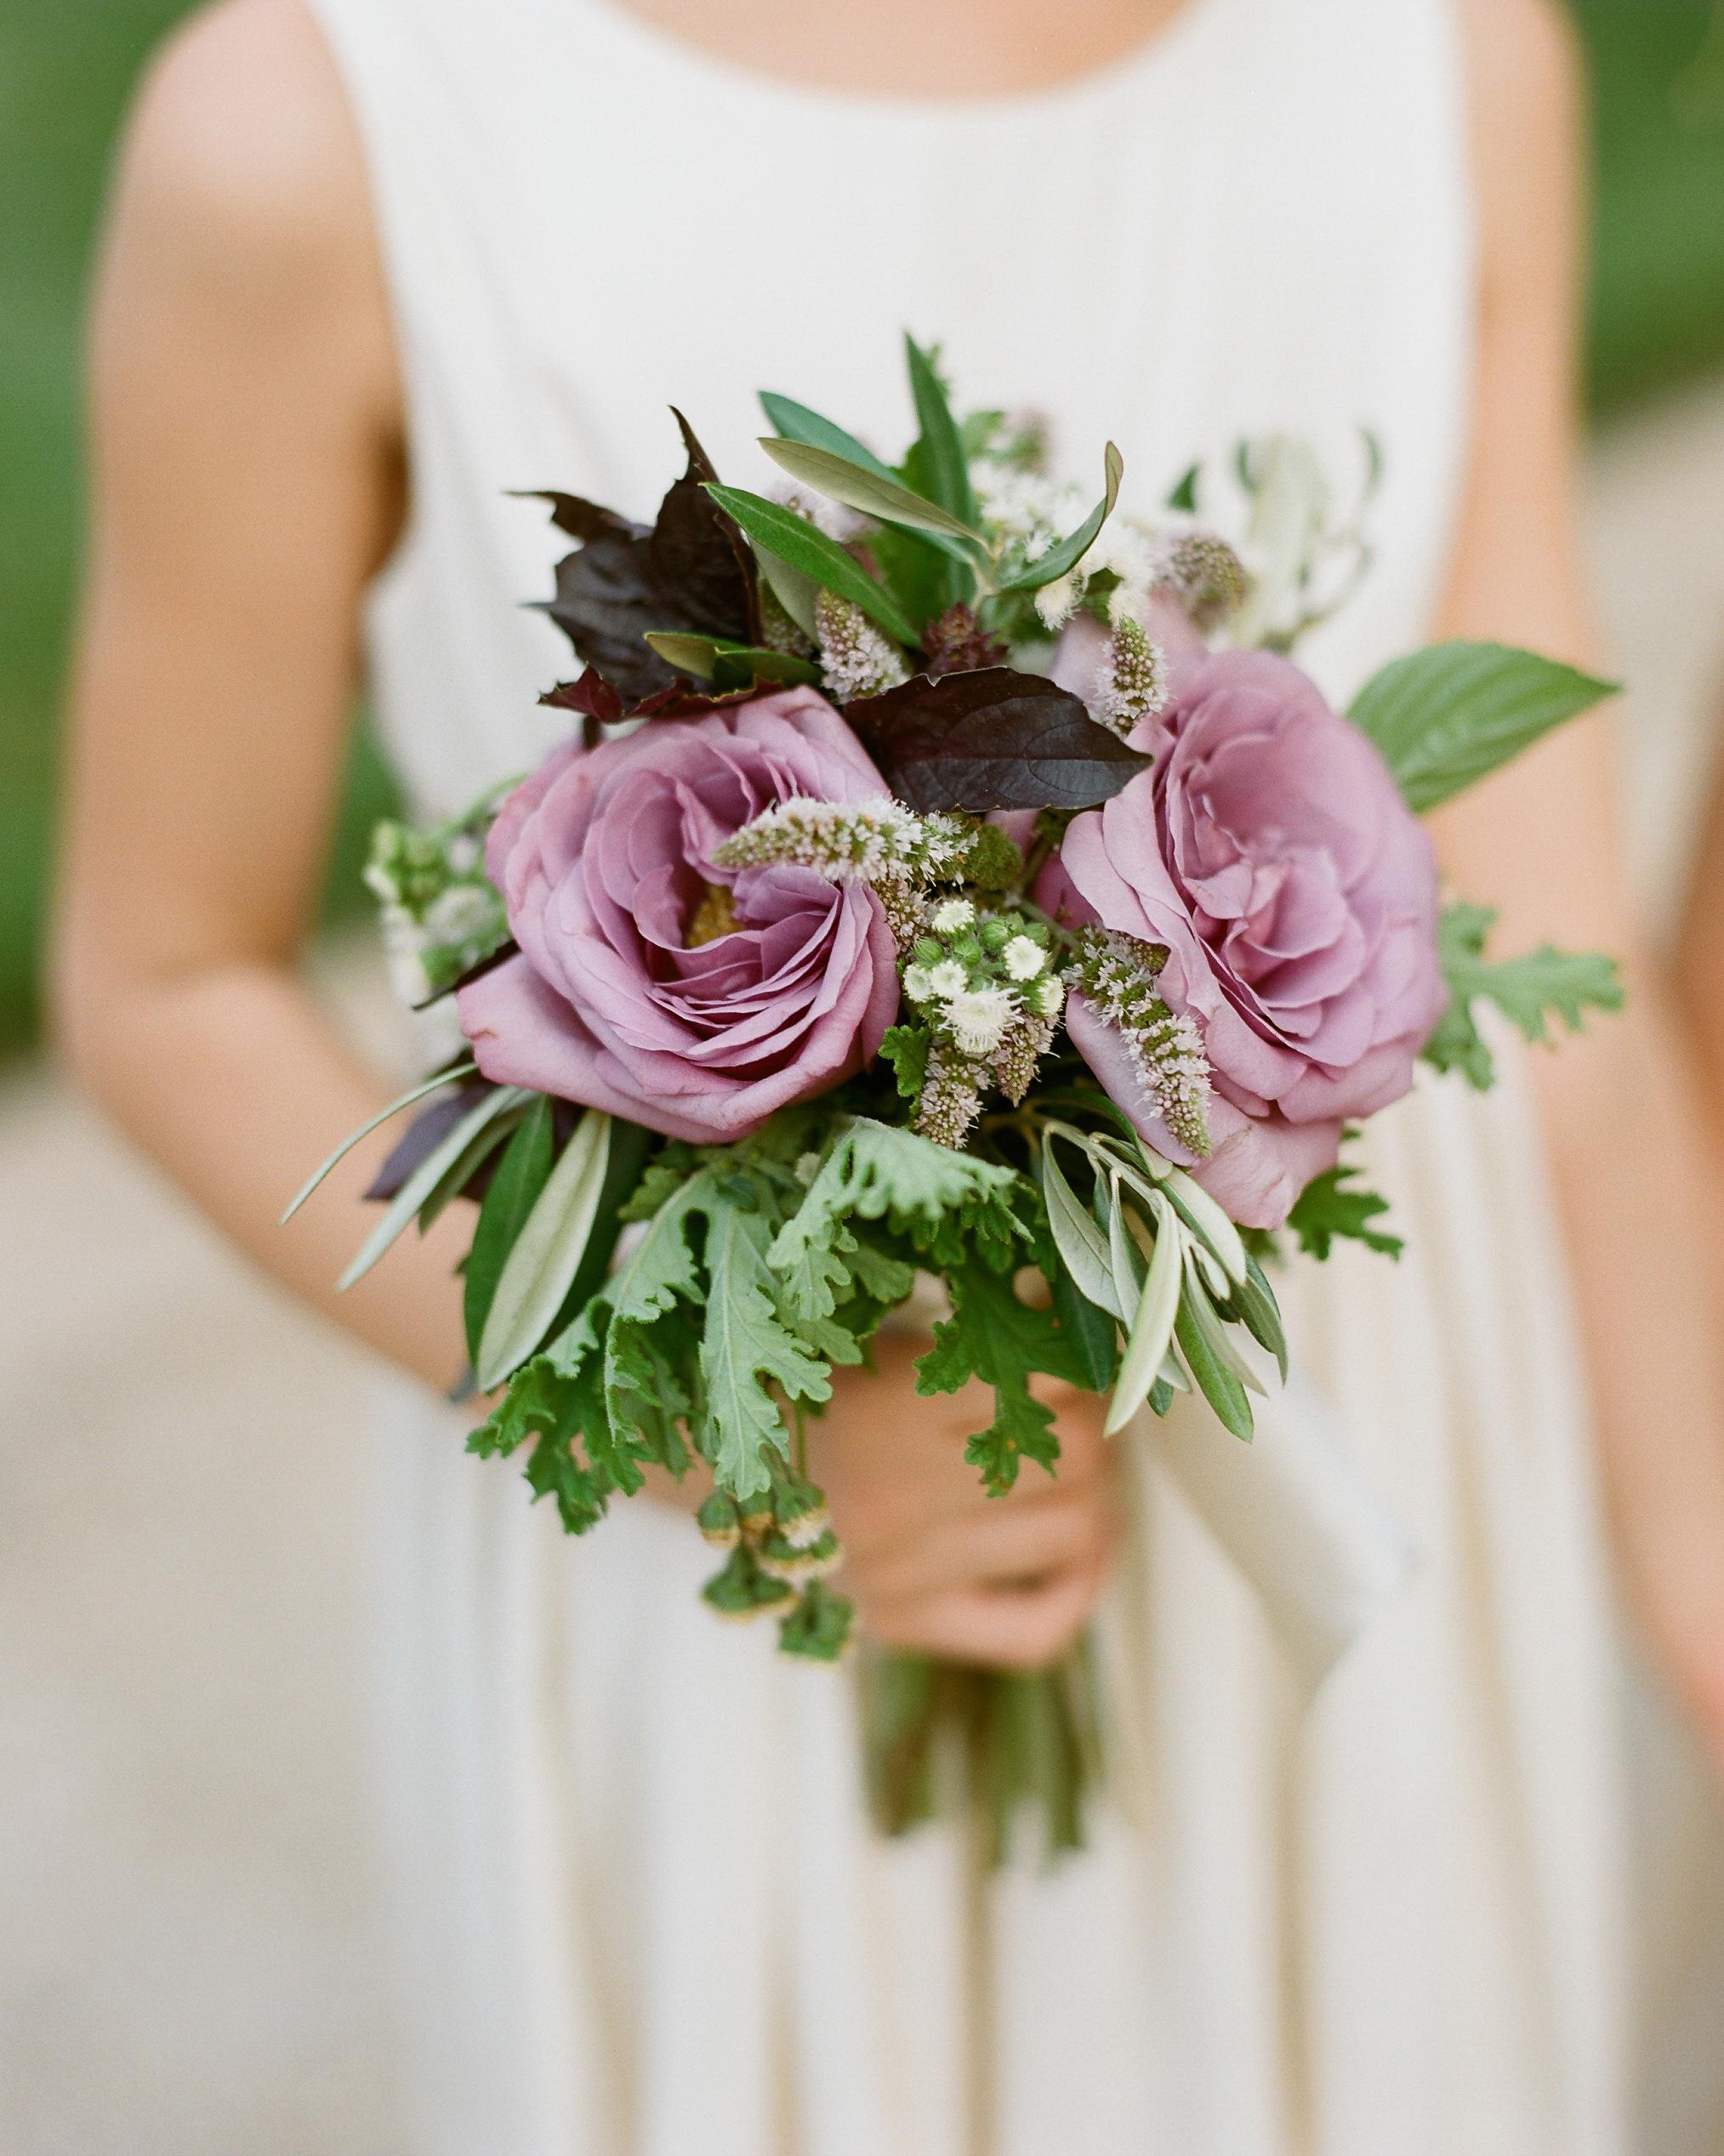 michelle-kimball-wedding-0070-s111580.jpg